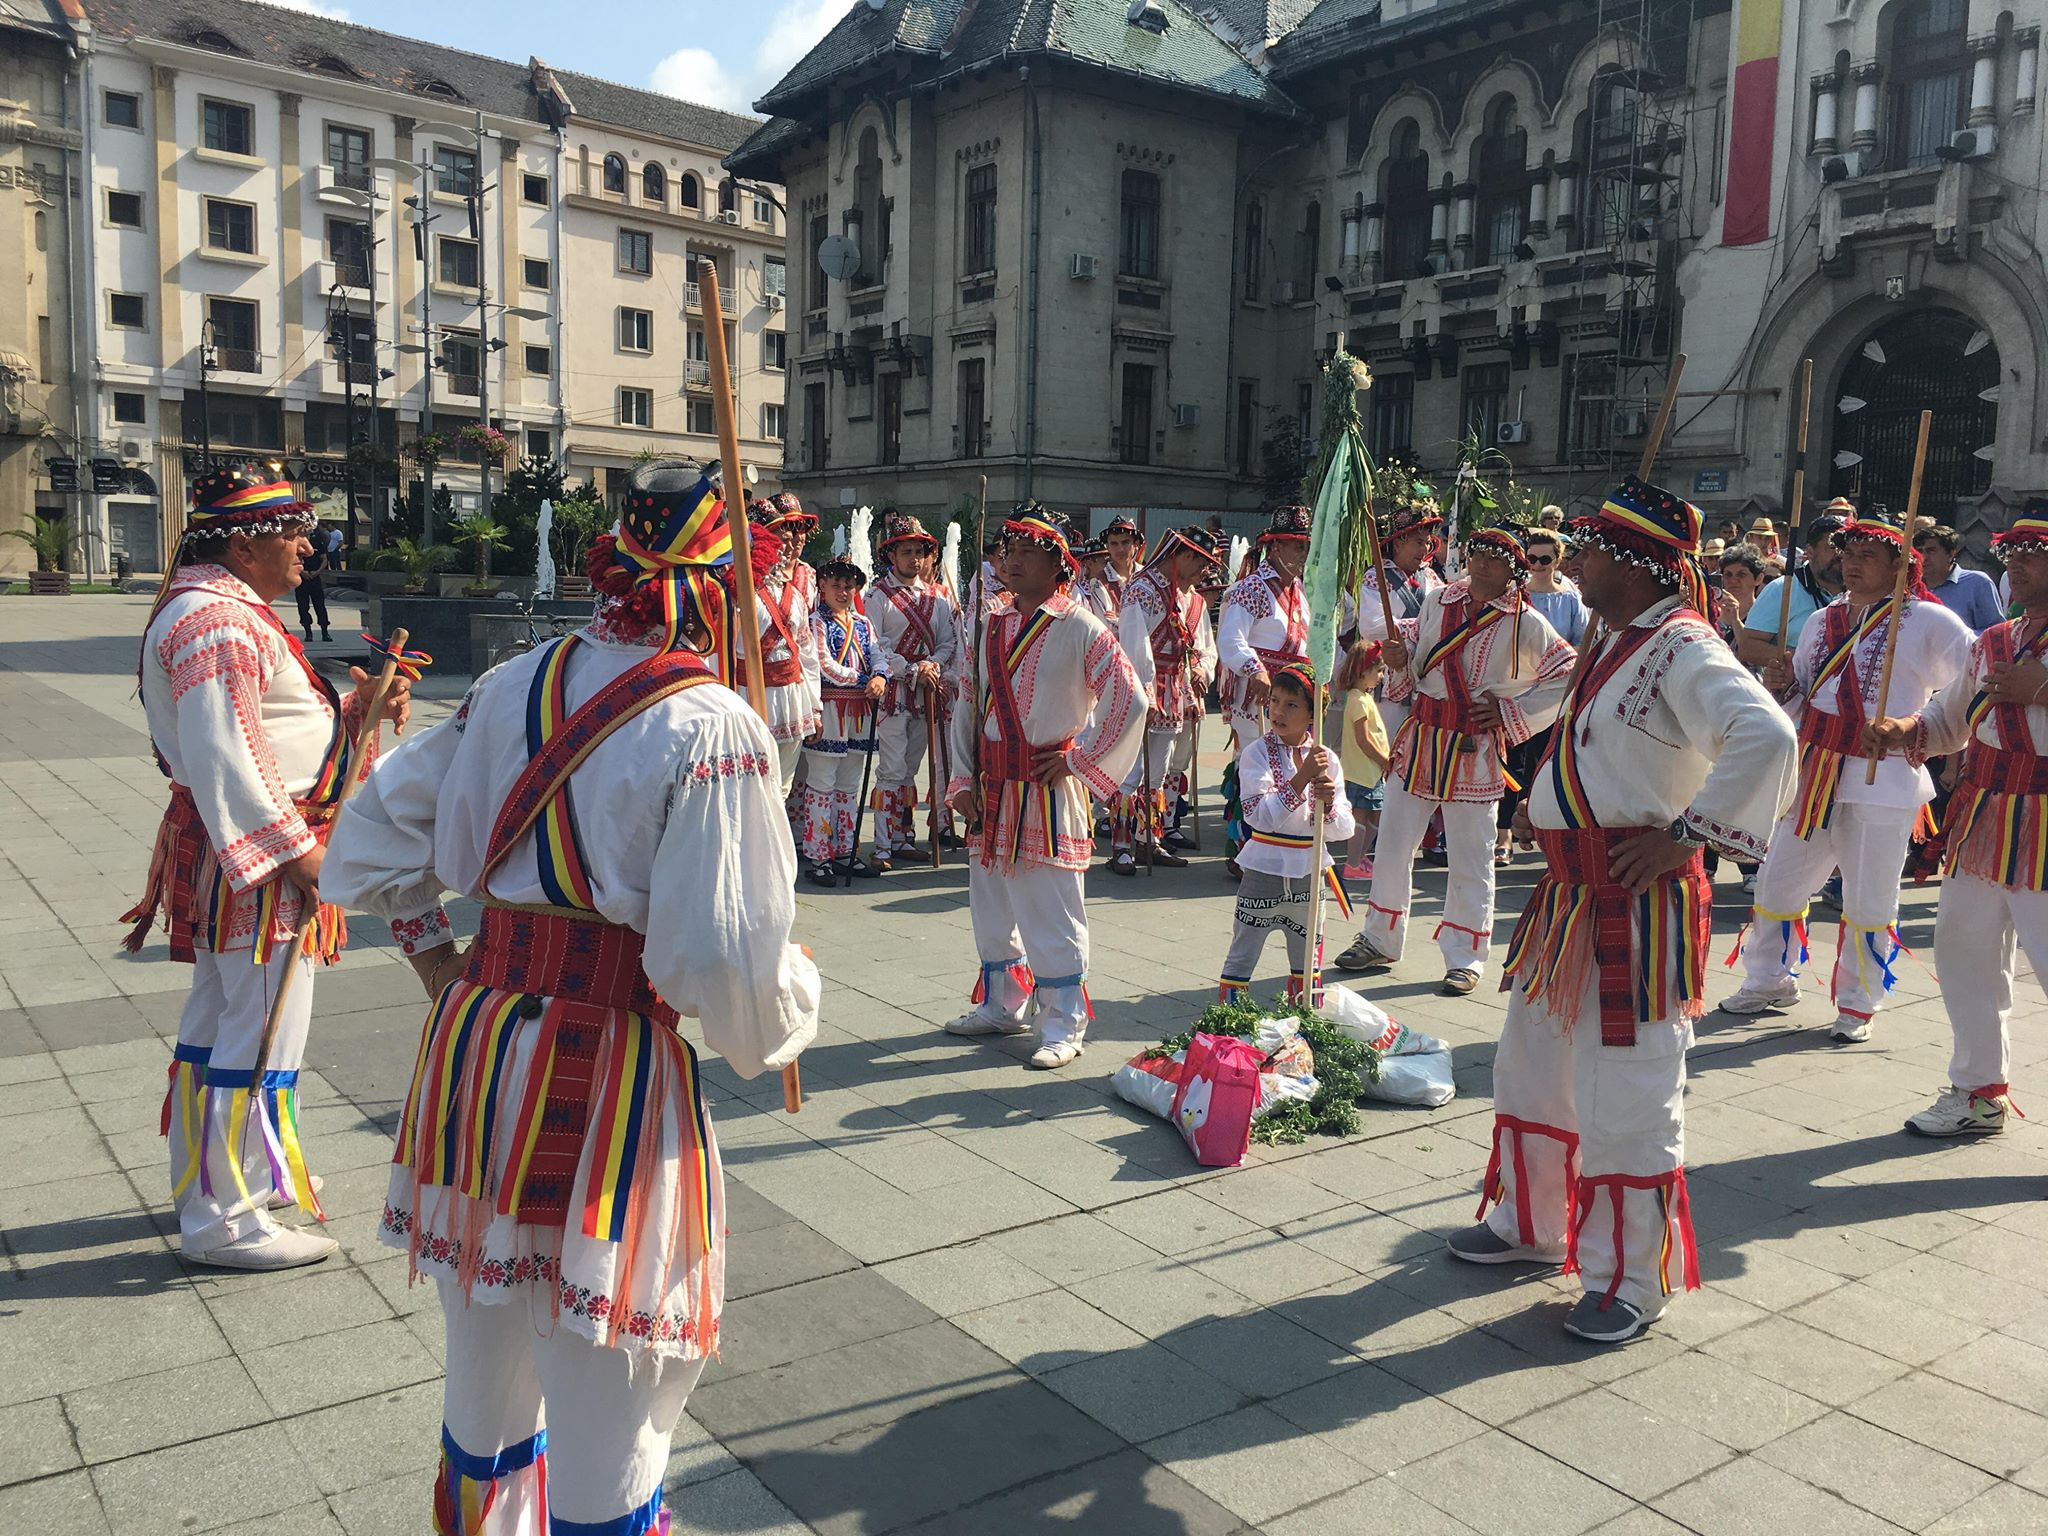 Cetele de căluşari din Dolj şi Olt, spectacol inedit de Rusalii în centrul Craiovei şi în Parcul Romanescu